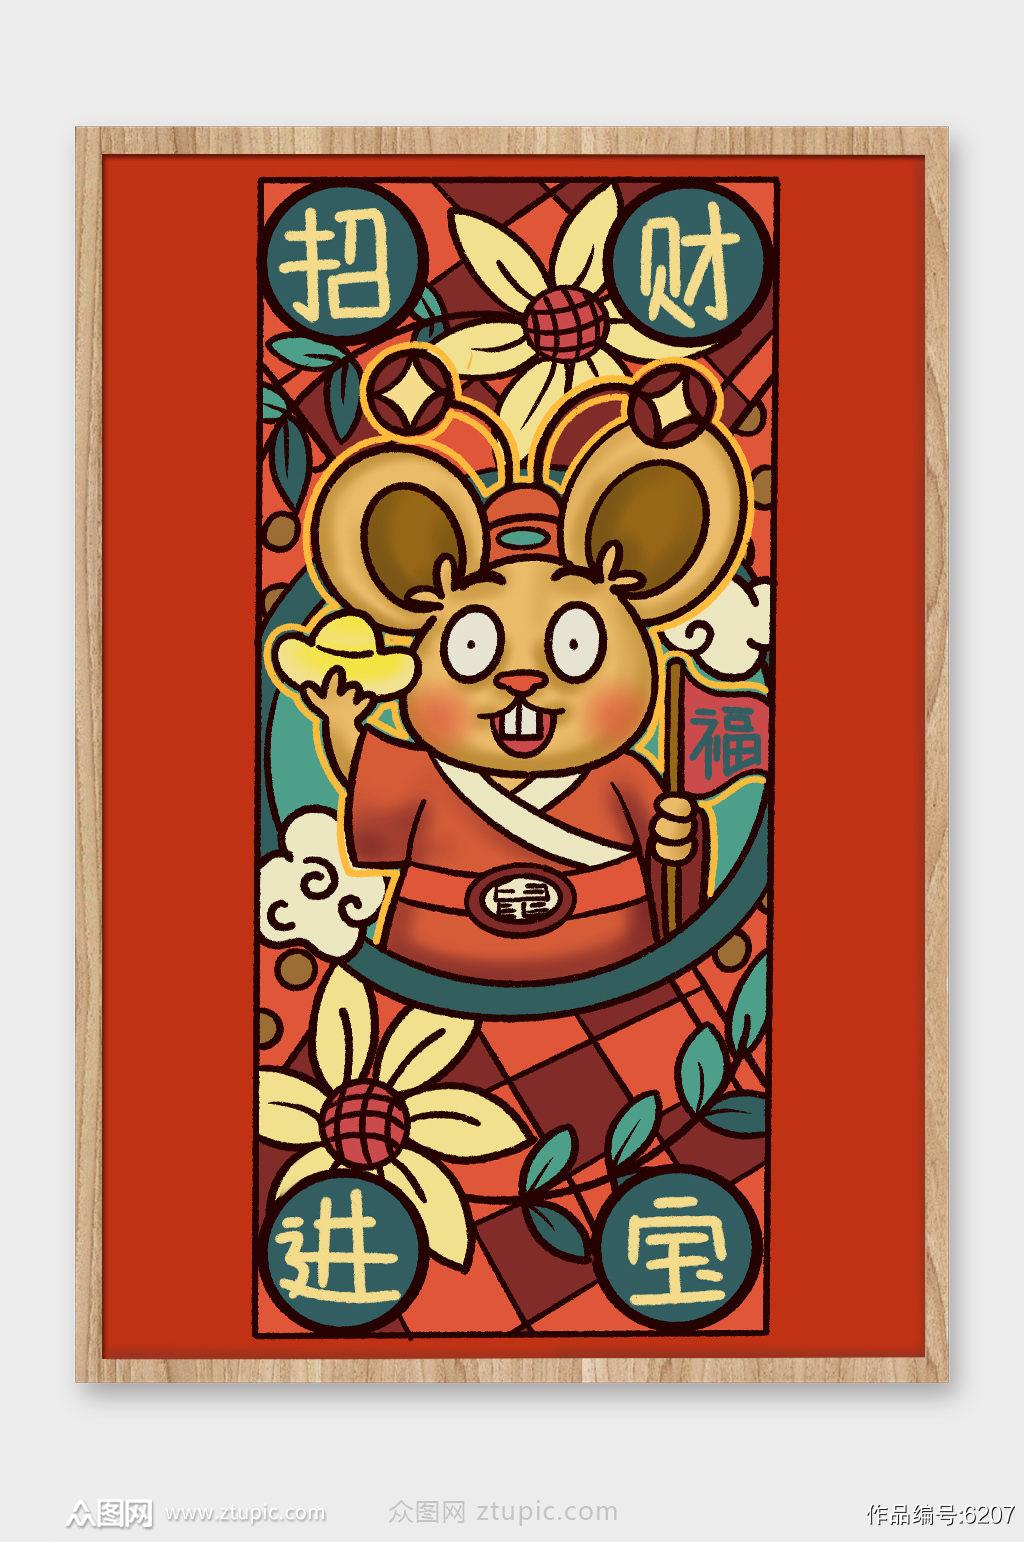 2020招财进宝鼠年插画素材